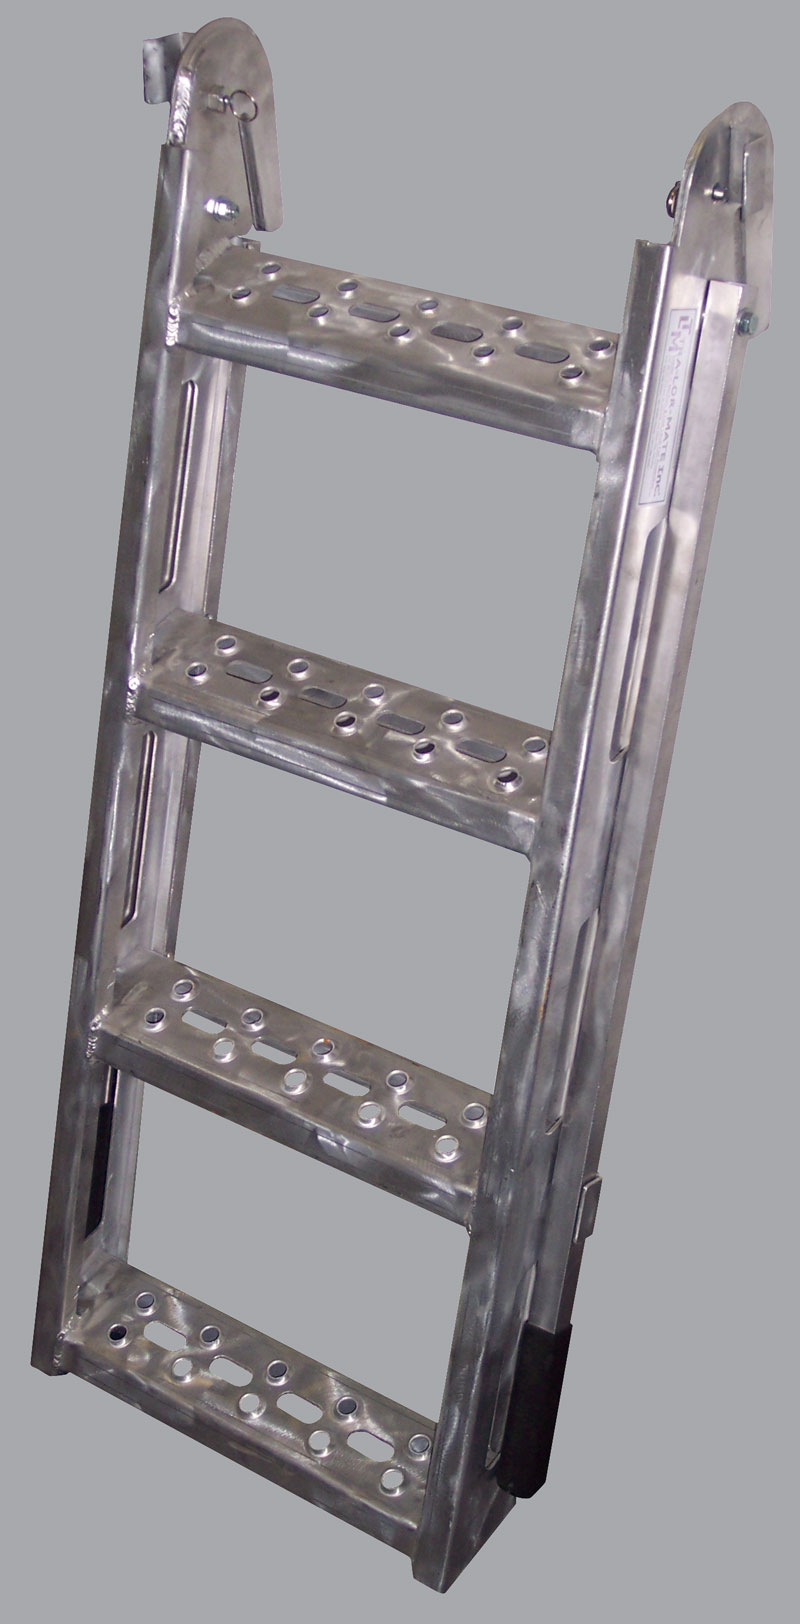 SkateMate 4-Step Safety Ladder